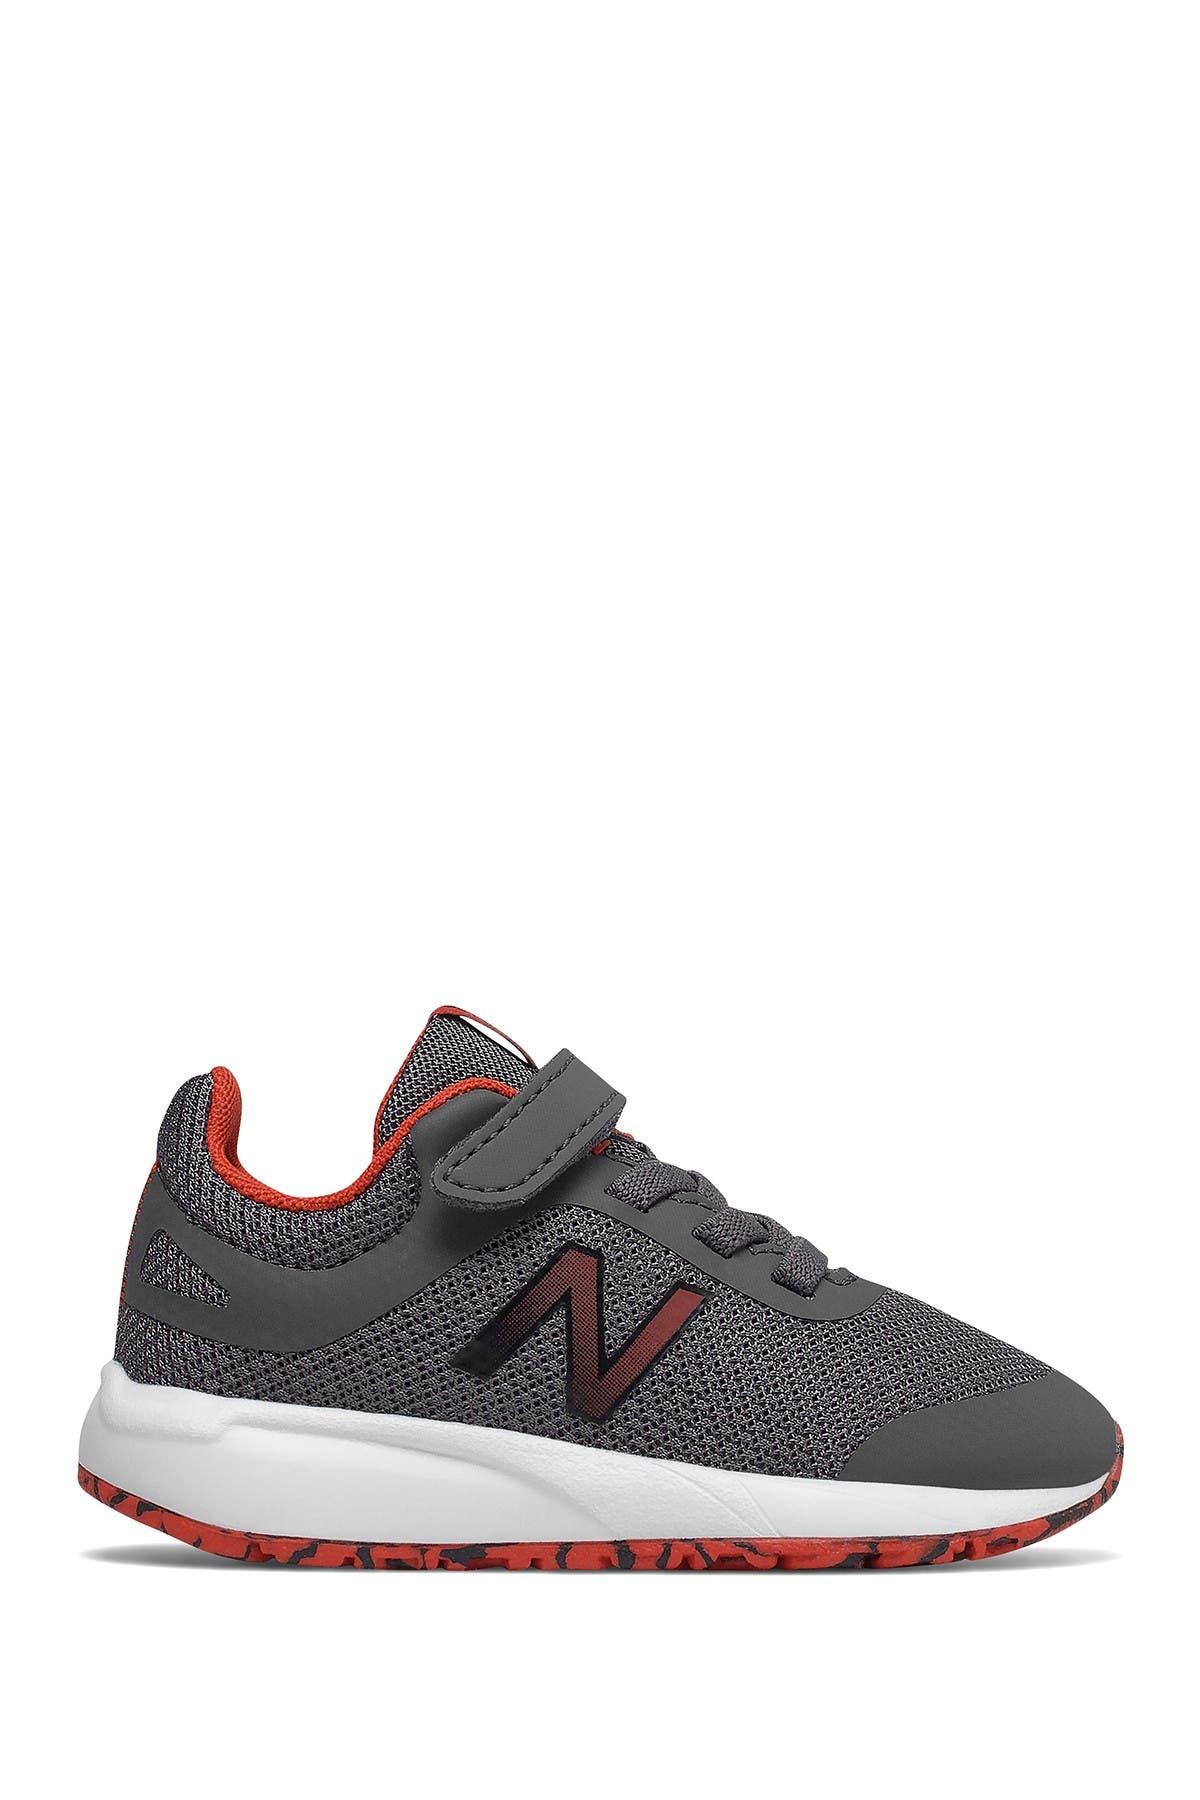 Image of New Balance 455V2 Sneaker